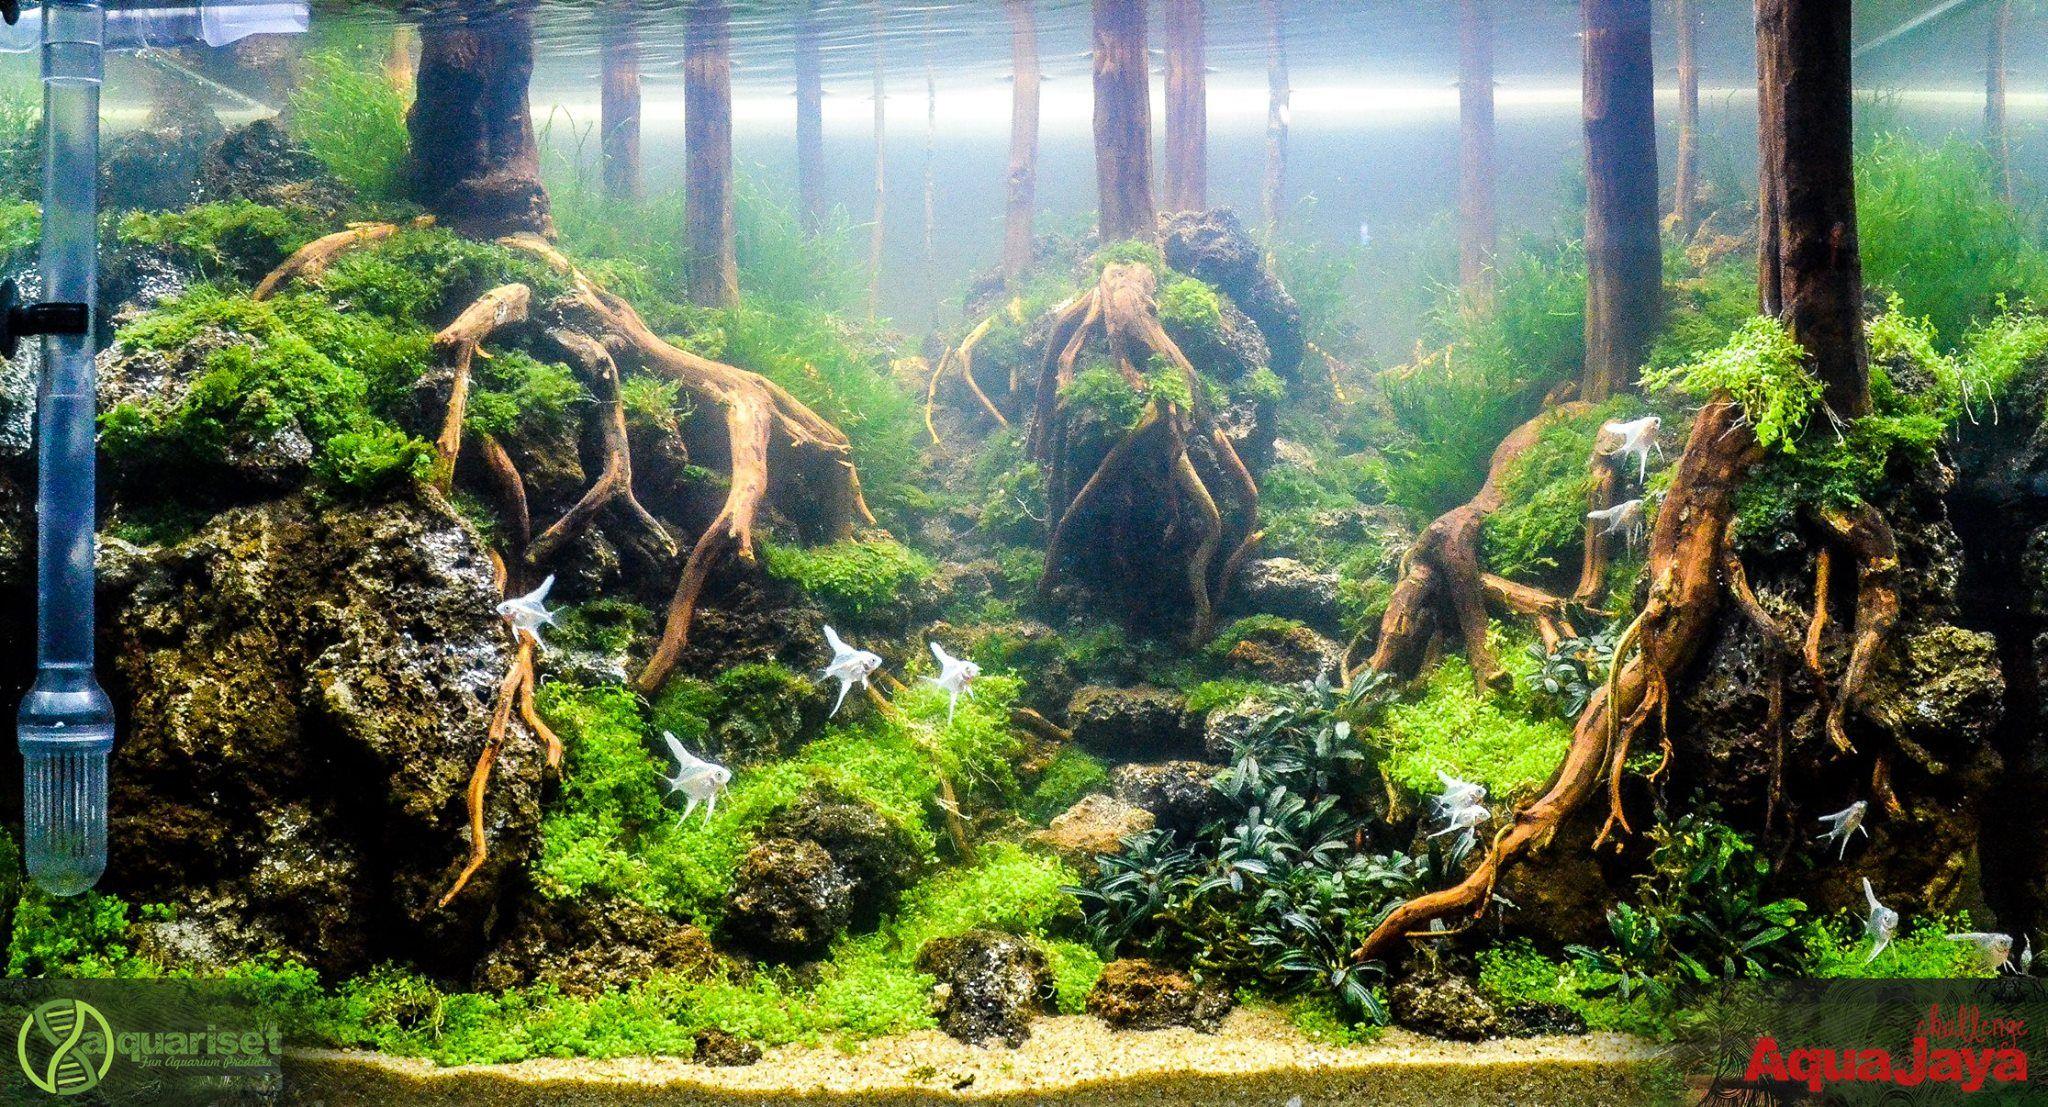 e1ec1d2255149911204c3d48762e11a4 Frais De Aquarium En Bois Schème